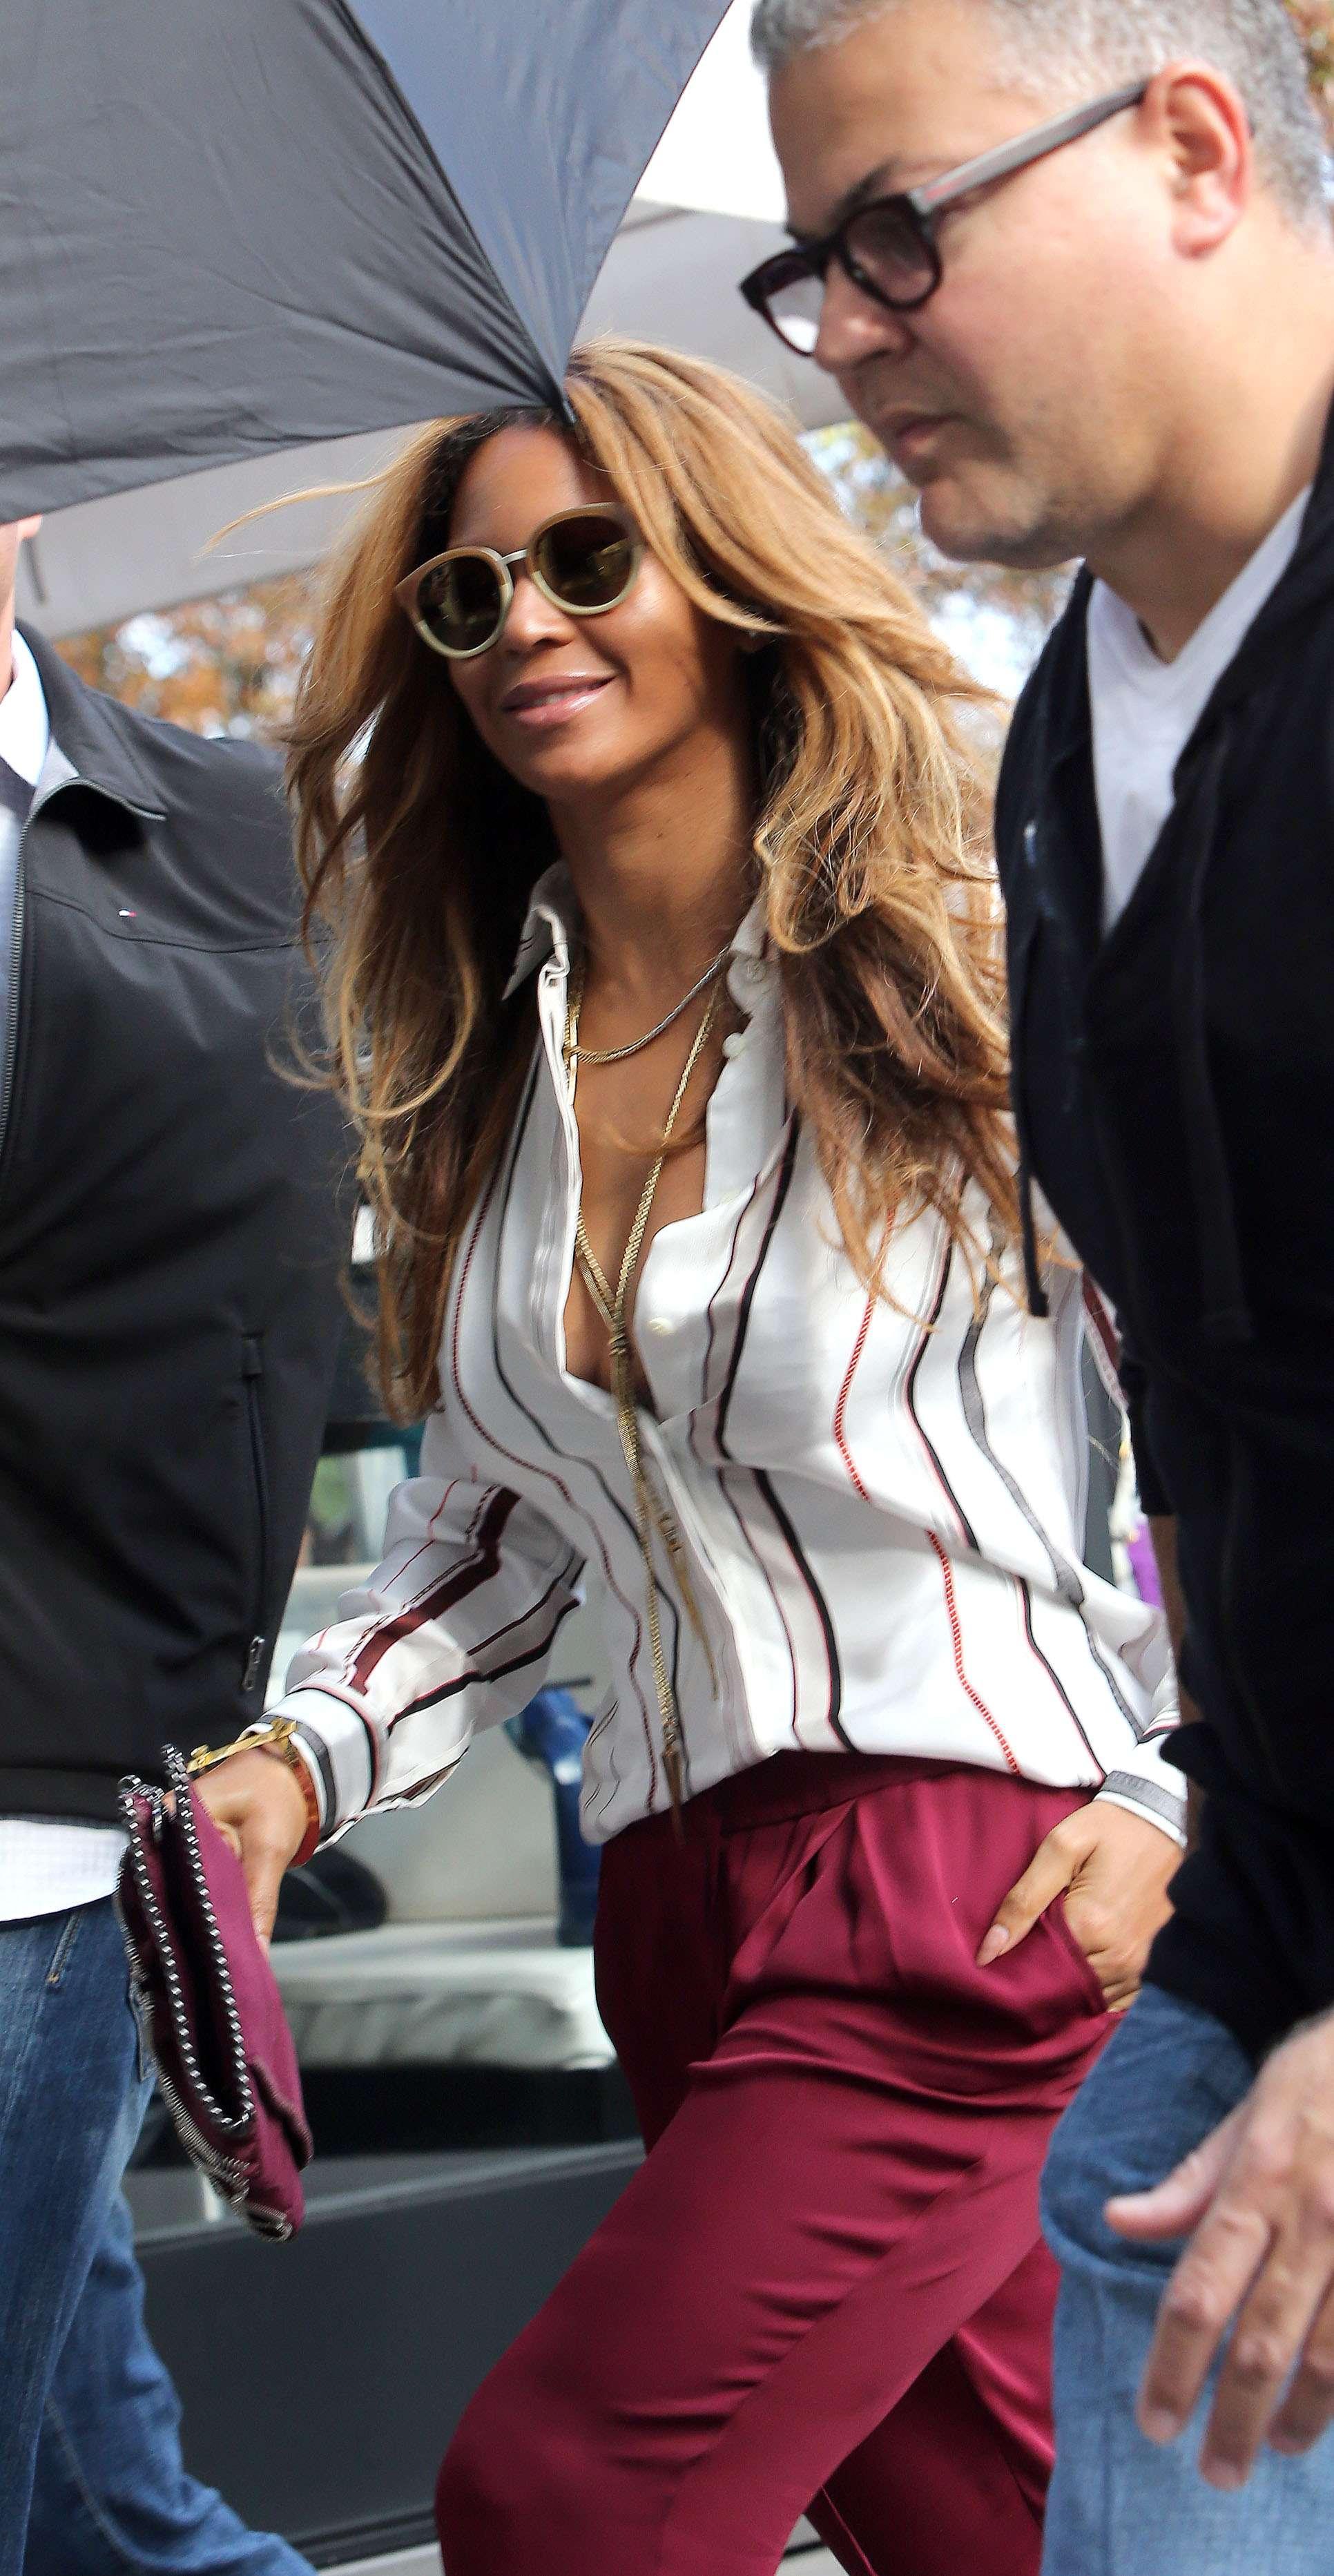 15 de Septiembre de 2014 - ¿Embarazada? Beyoncé, Jay Z y su pequeña hija, Blue Ivy salieron a almorzar en París en medio de un séquito de seguridad. El fin de semana, el esposo de la cantante dijo a través de una melodía, que su esposa estaría esperando a su segundo hijo. ¿Será cierto? Foto: KCS Presse/The Grosby Group